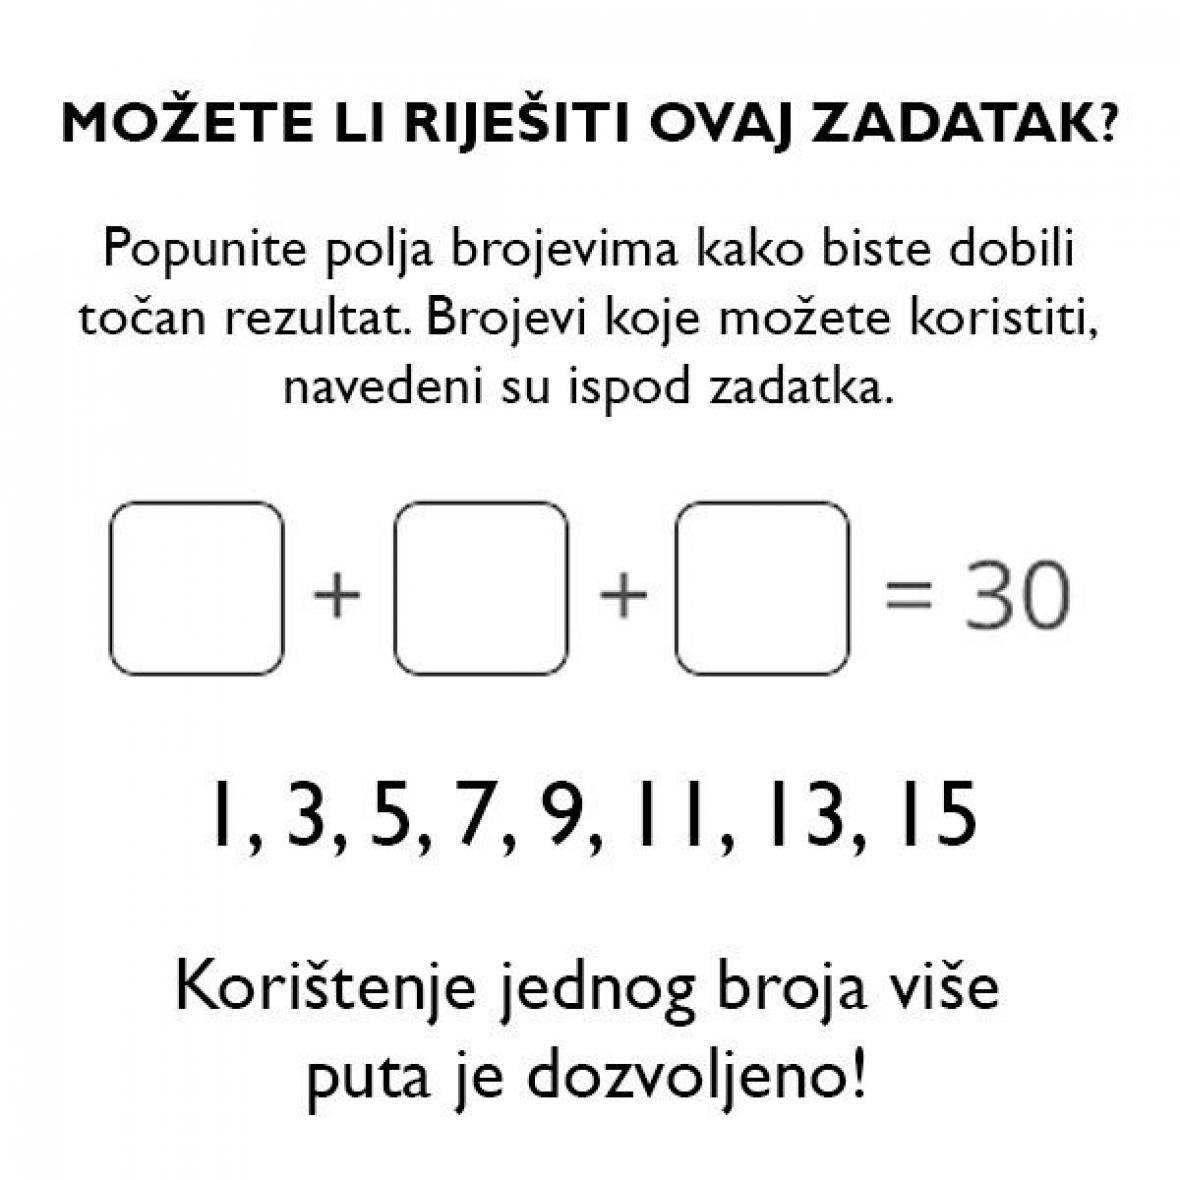 Možete li riješiti ovaj zadatak?